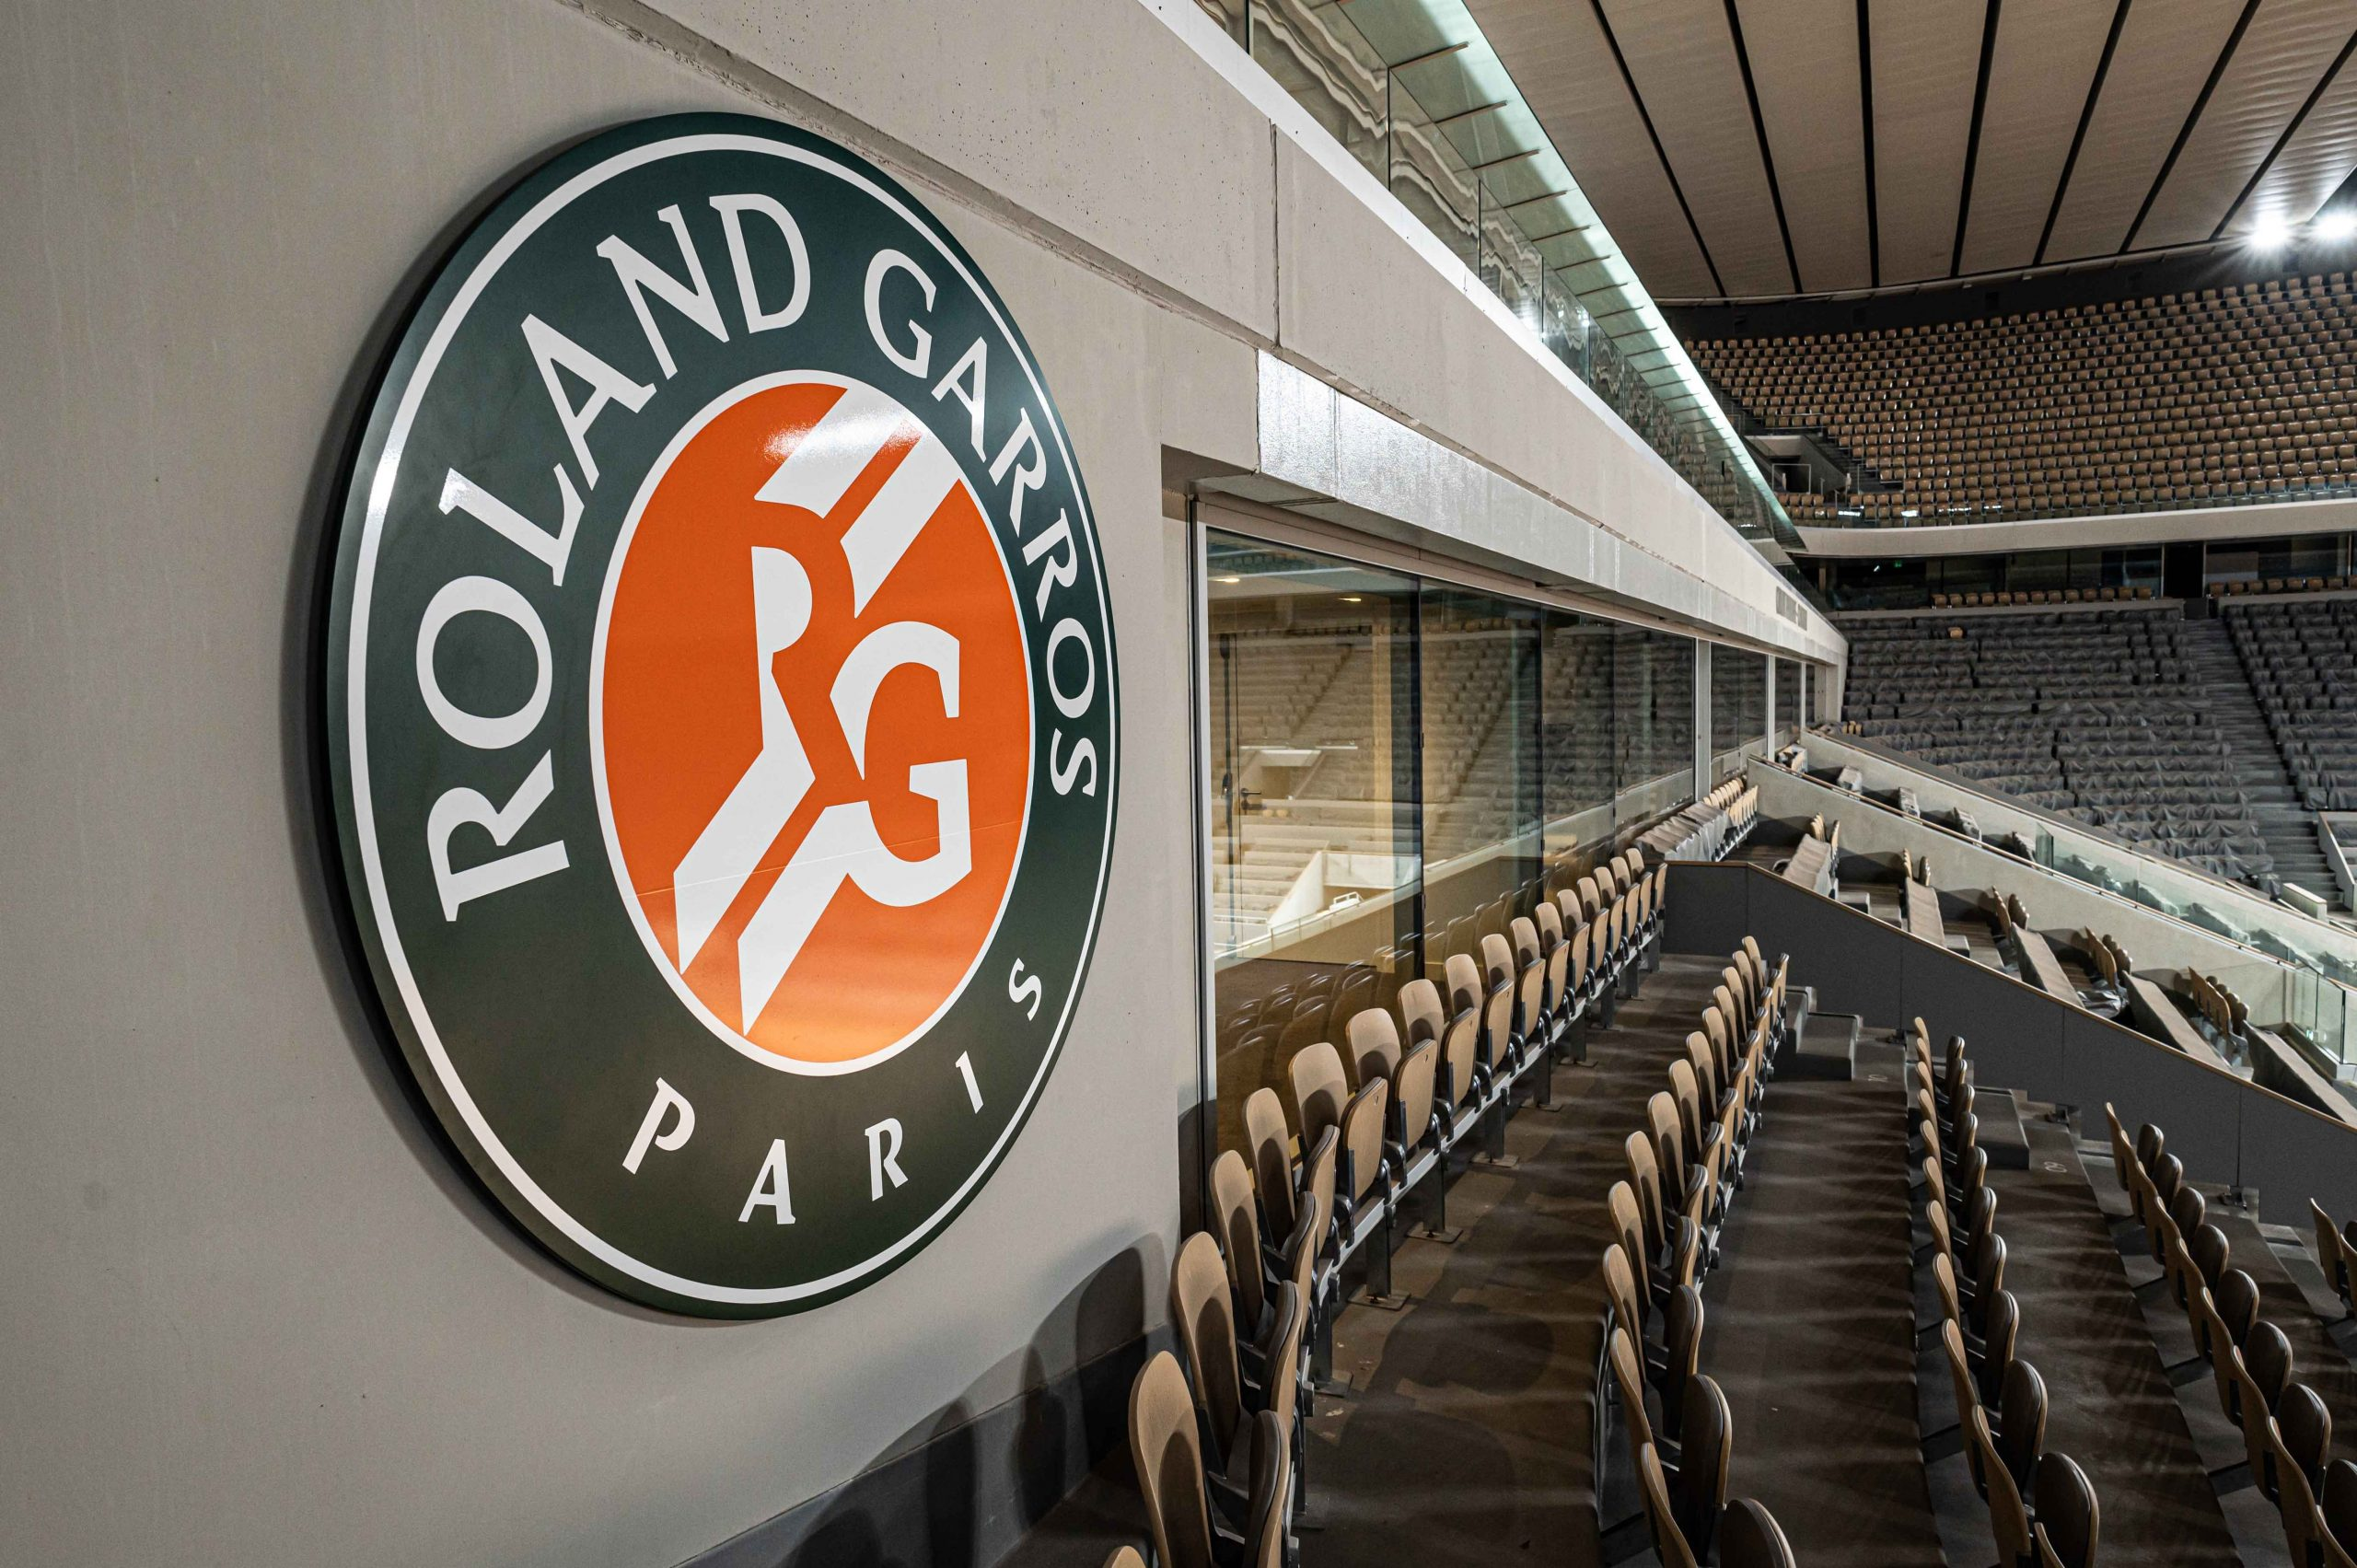 Roland Garros 2020 με ταυτόχρονες ζωντανές μεταδόσεις  στο ERTFLIX